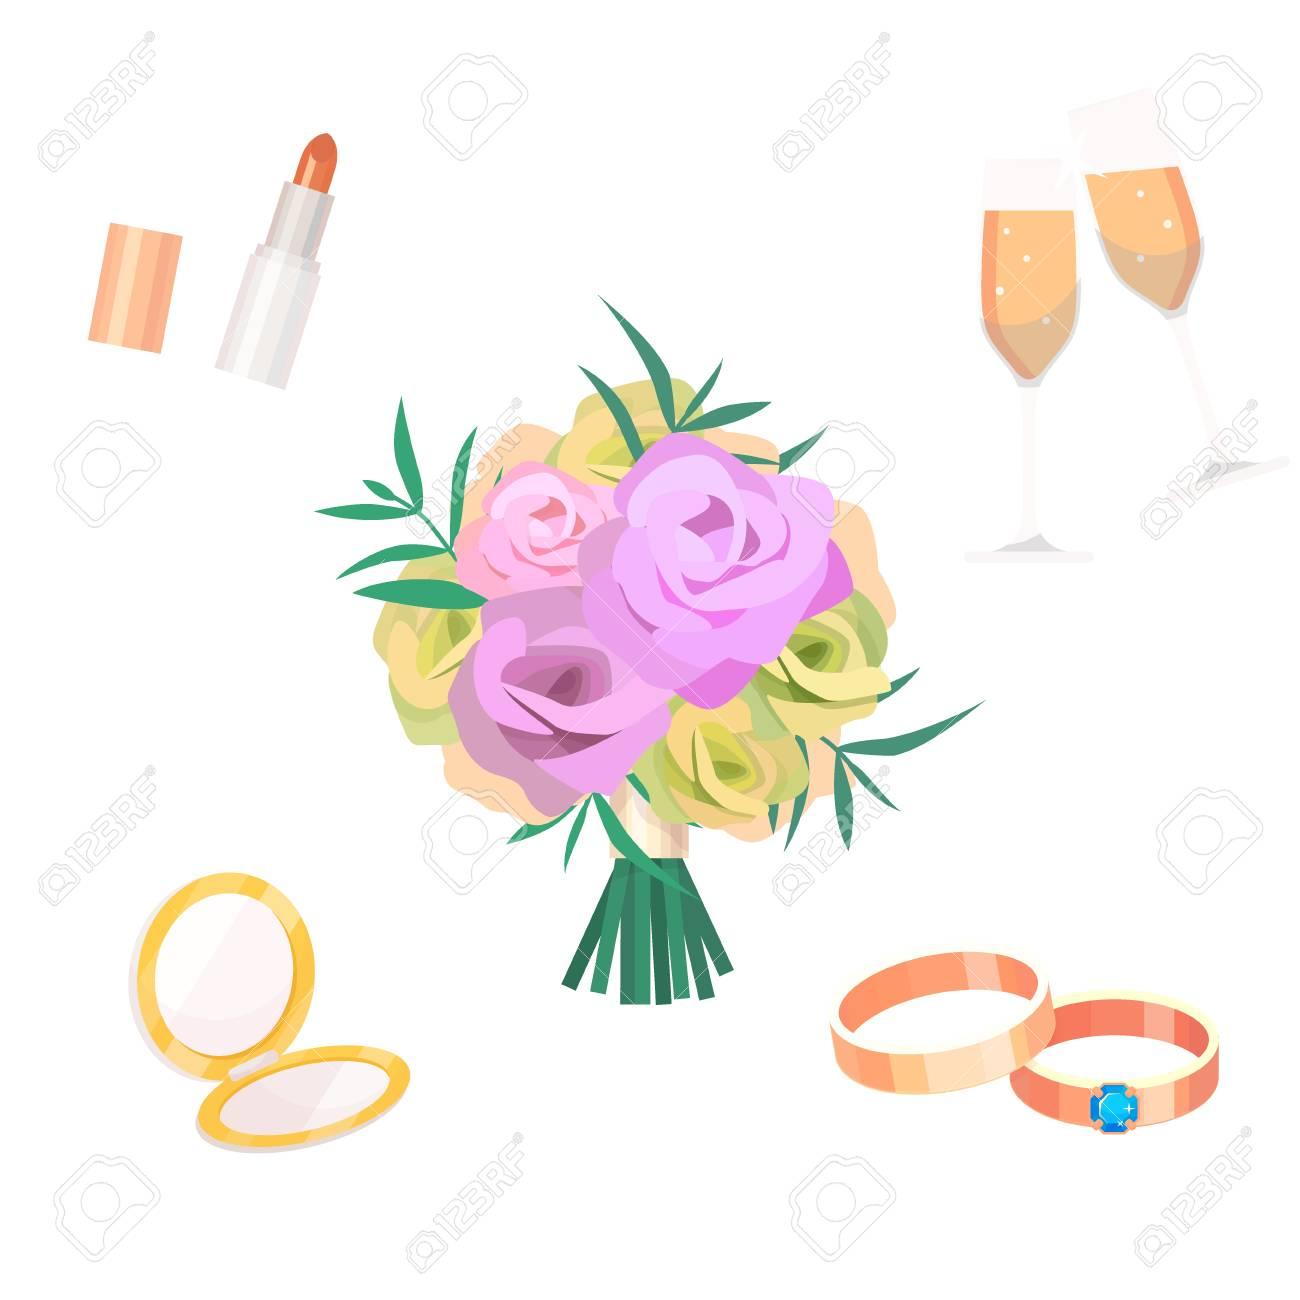 Flowers Bouquet Vector Wedding Bride Accessoriesvfashion Style